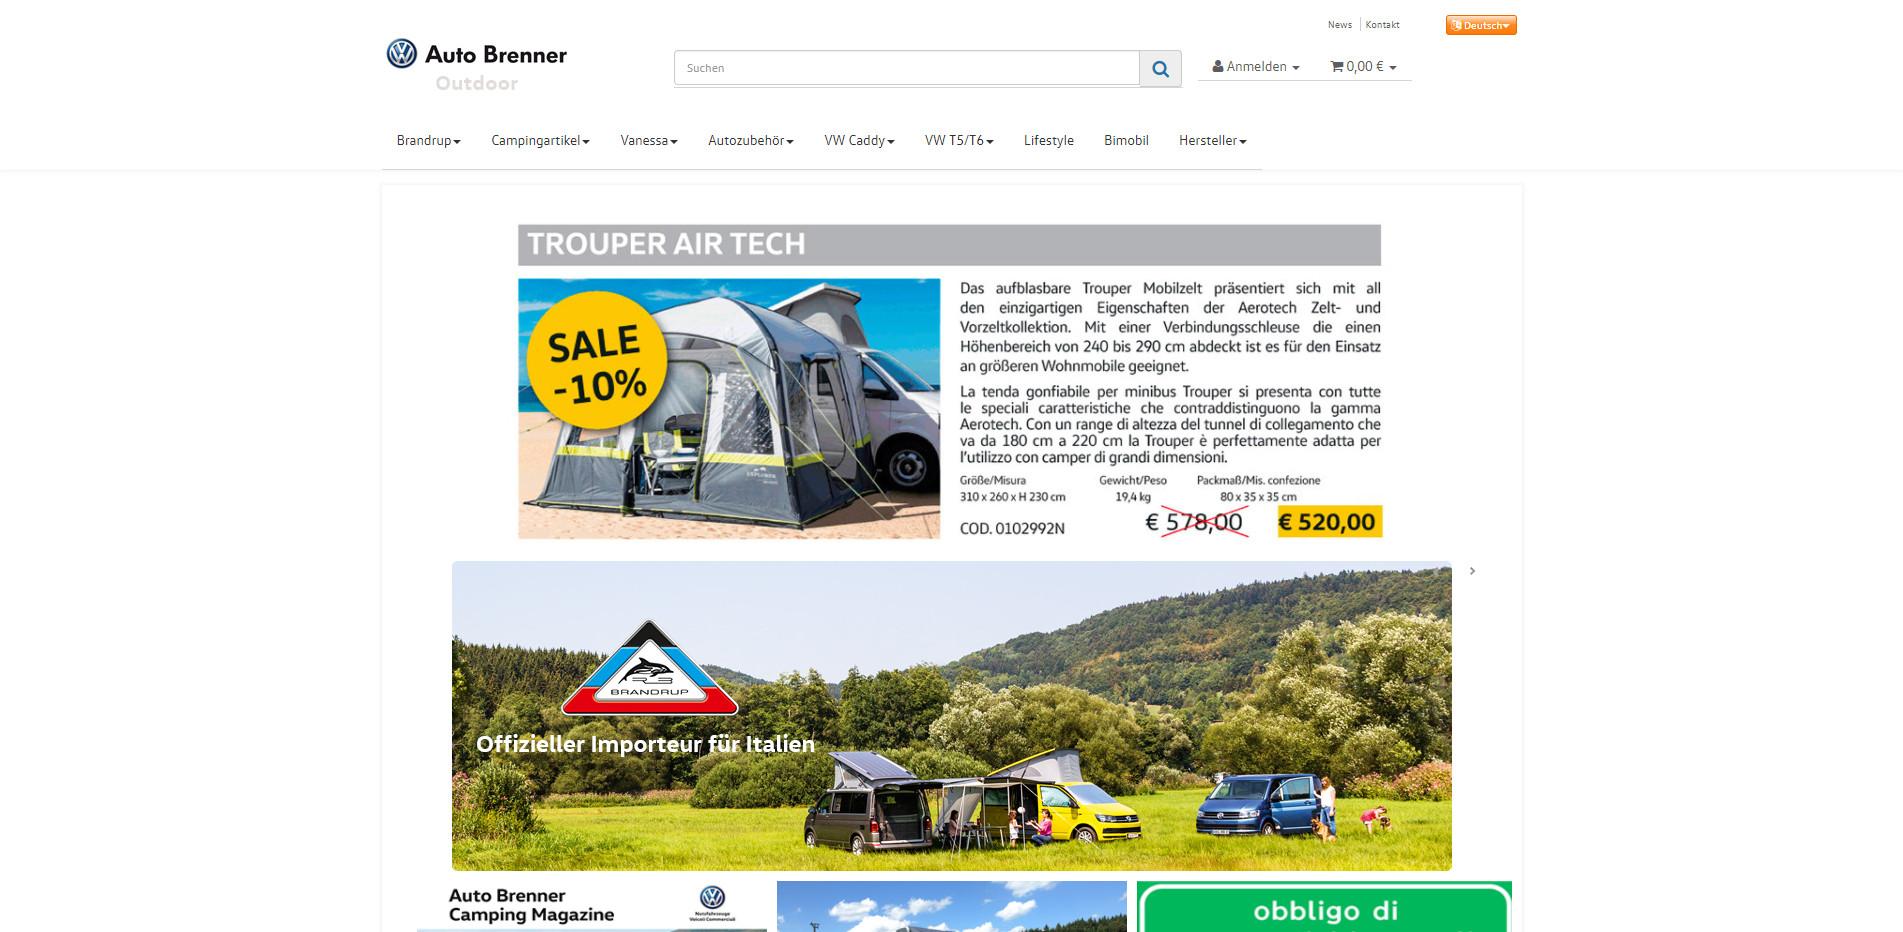 www.outdoor-autobrenner.it